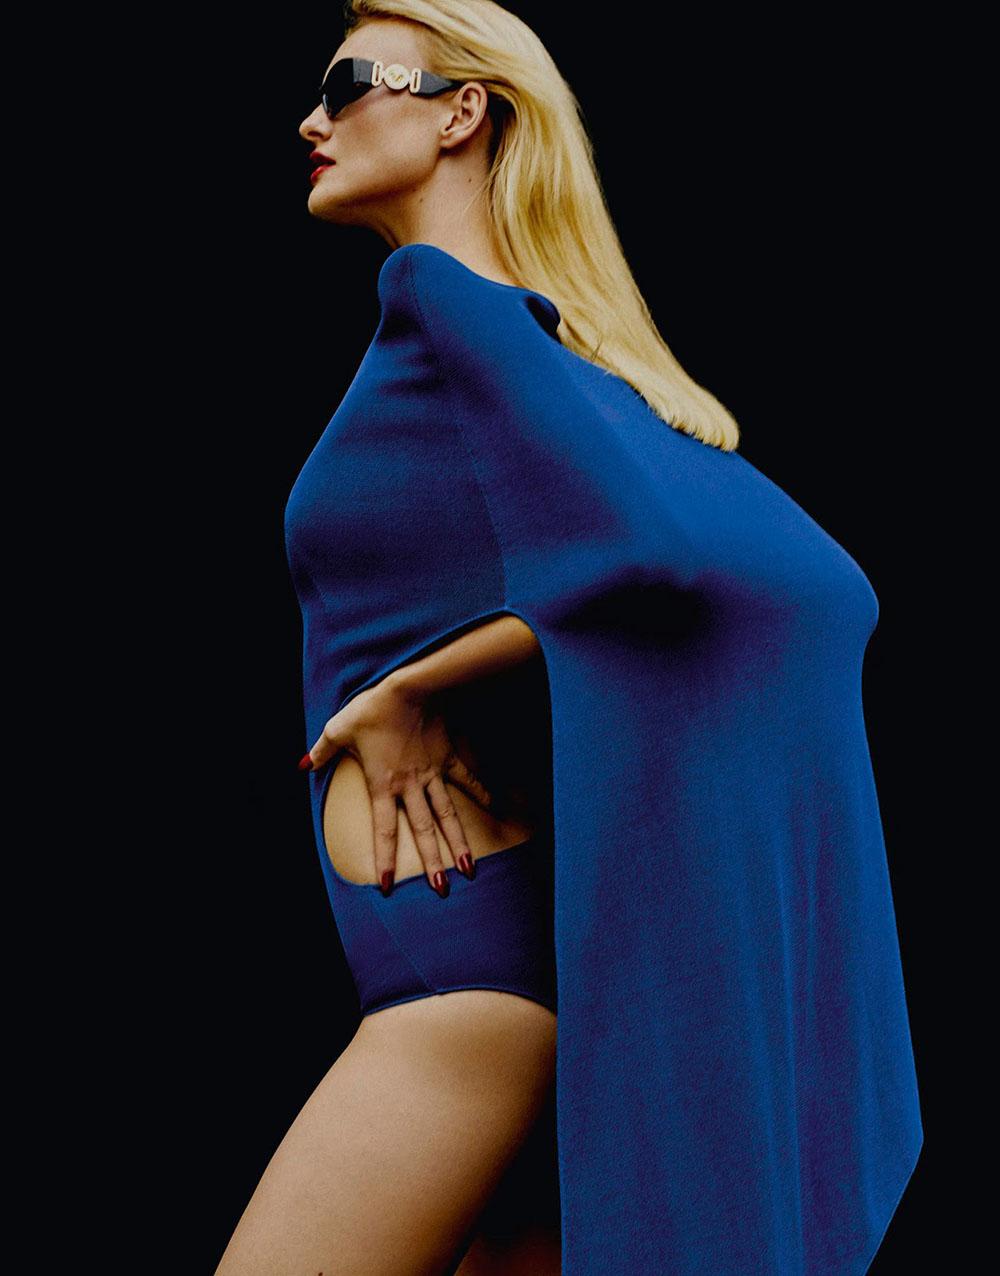 Caroline Trentini by Rafael Pavarotti for Porter Magazine Spring 2019